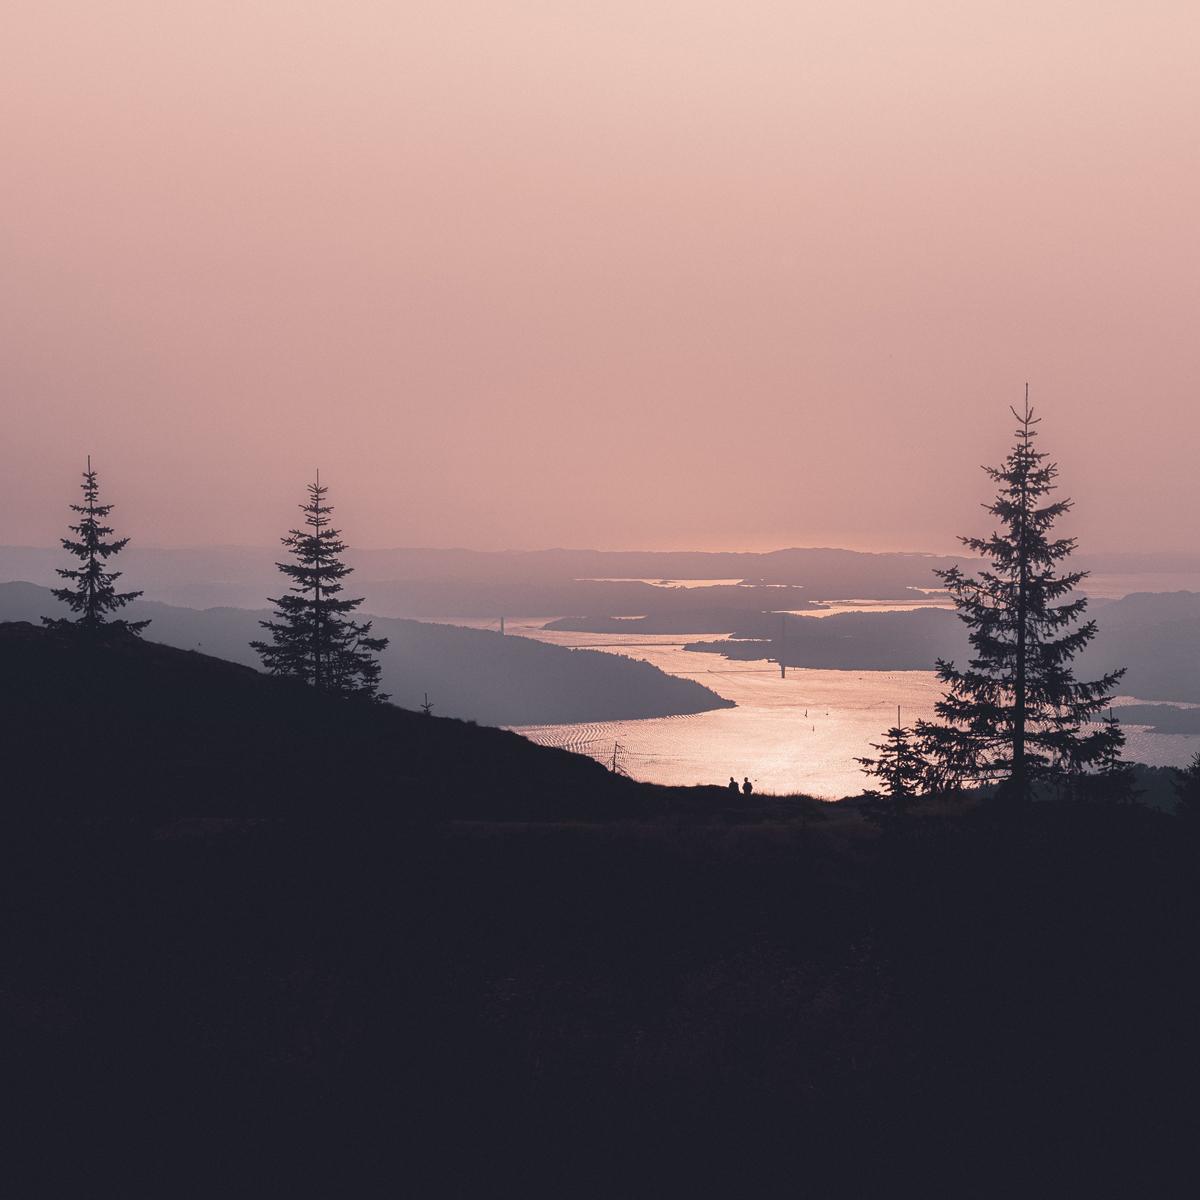 Bergen © Momentista | Unsplash